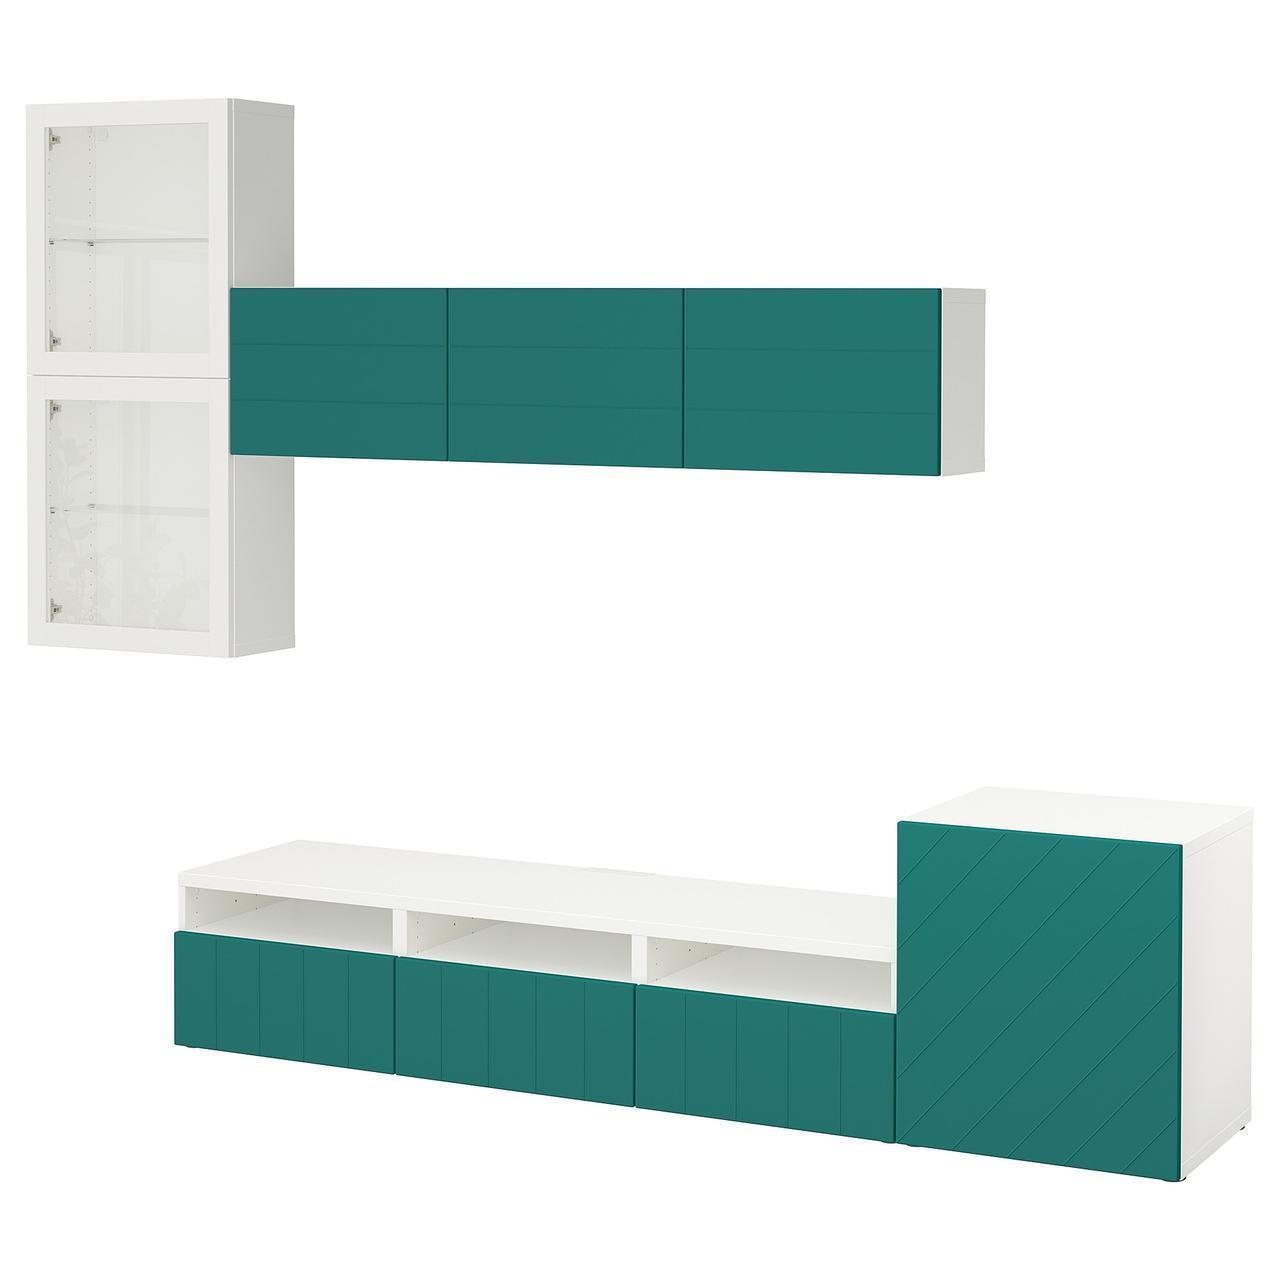 IKEA BESTA Тумба под телевизор с стеклянными дверьми, белое Hallstavik, Голубое/зеленое (192.074.87)